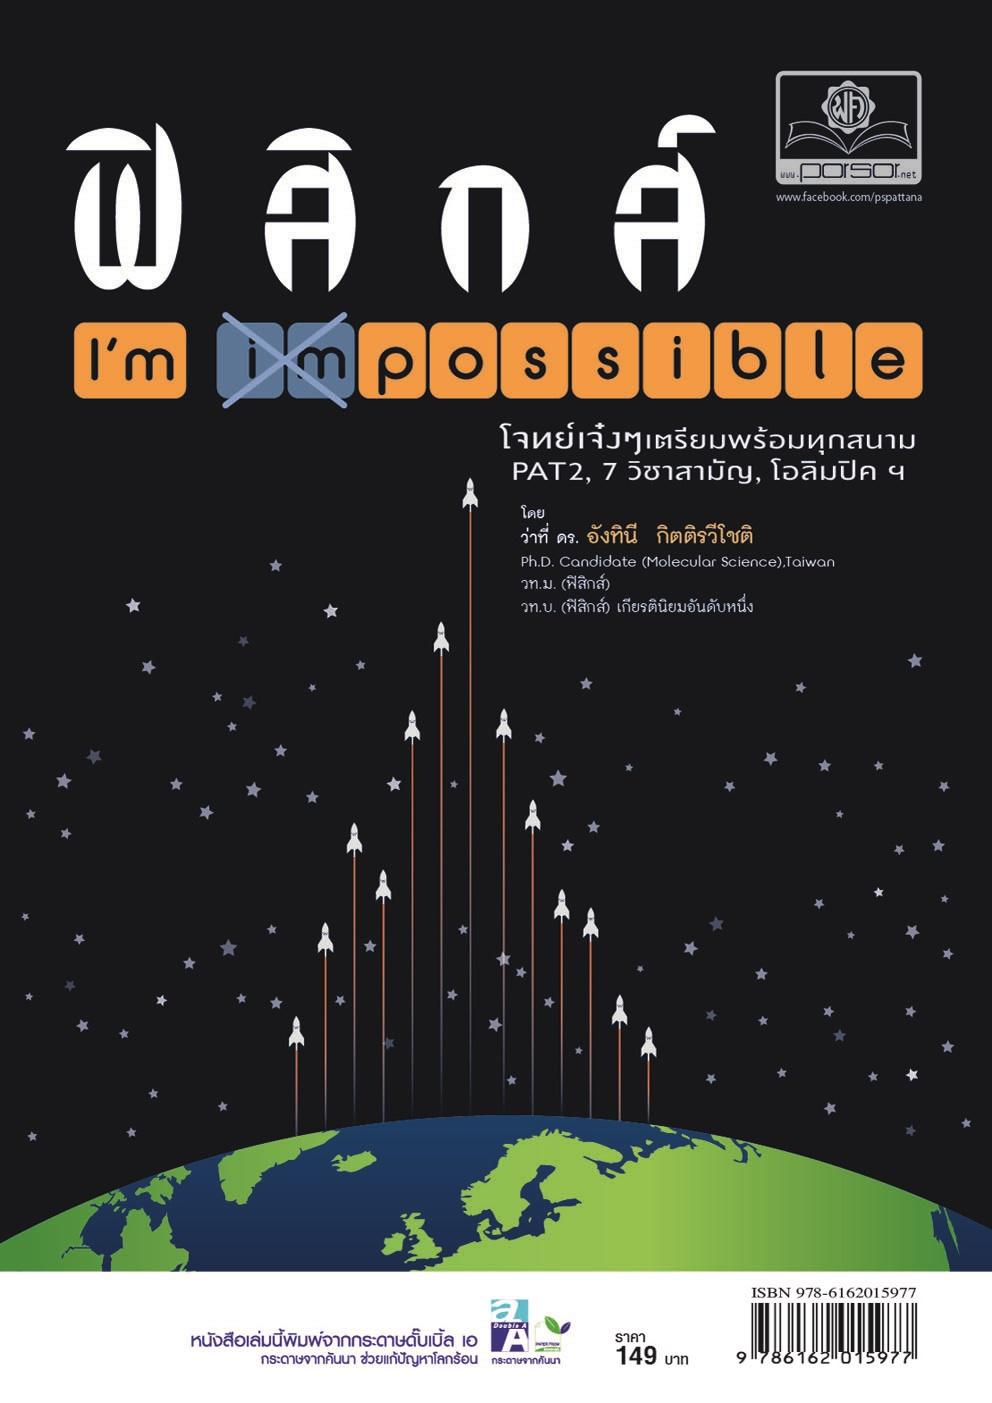 ฟิสิกส์ I'm possible